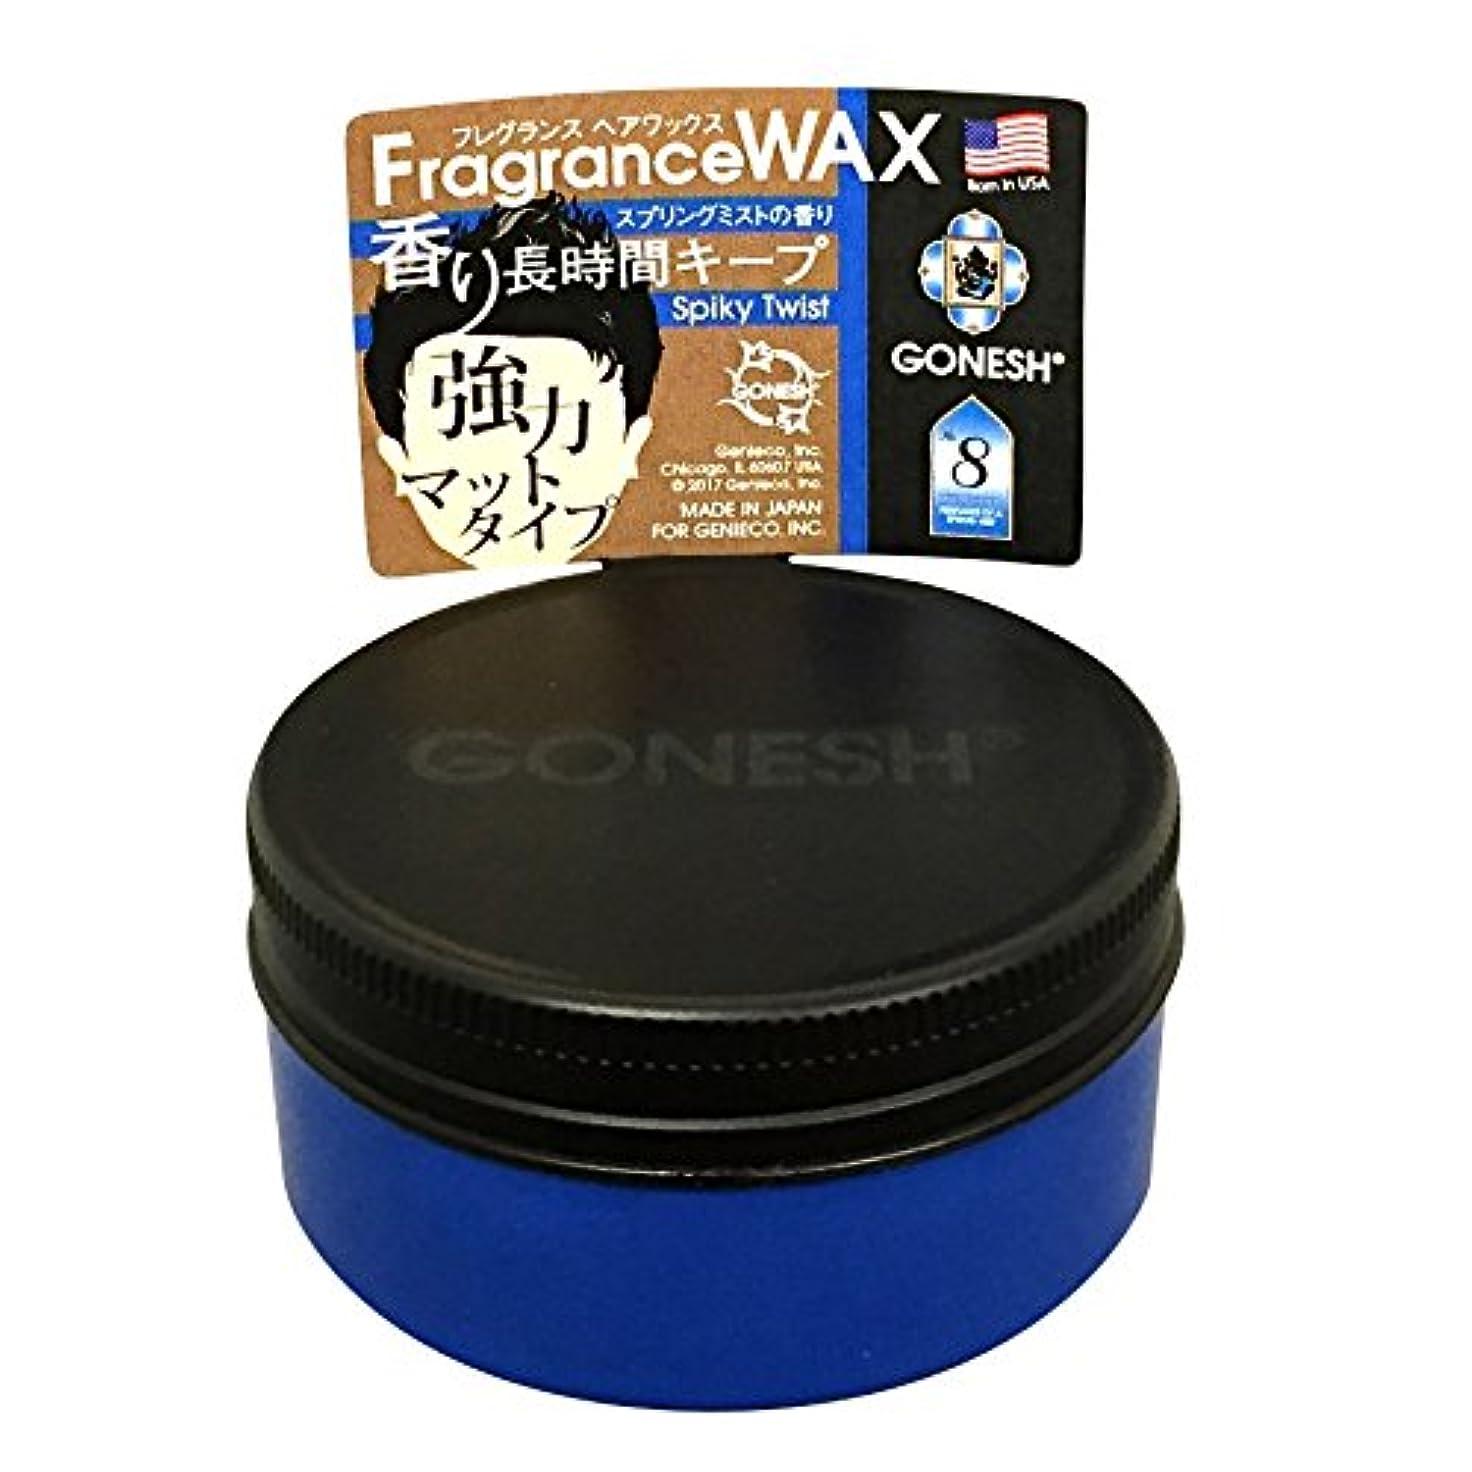 第優雅な満たすGONESH フレグランスヘアワックス(スタイリング剤) NO.8 強力マットタイプ 60g